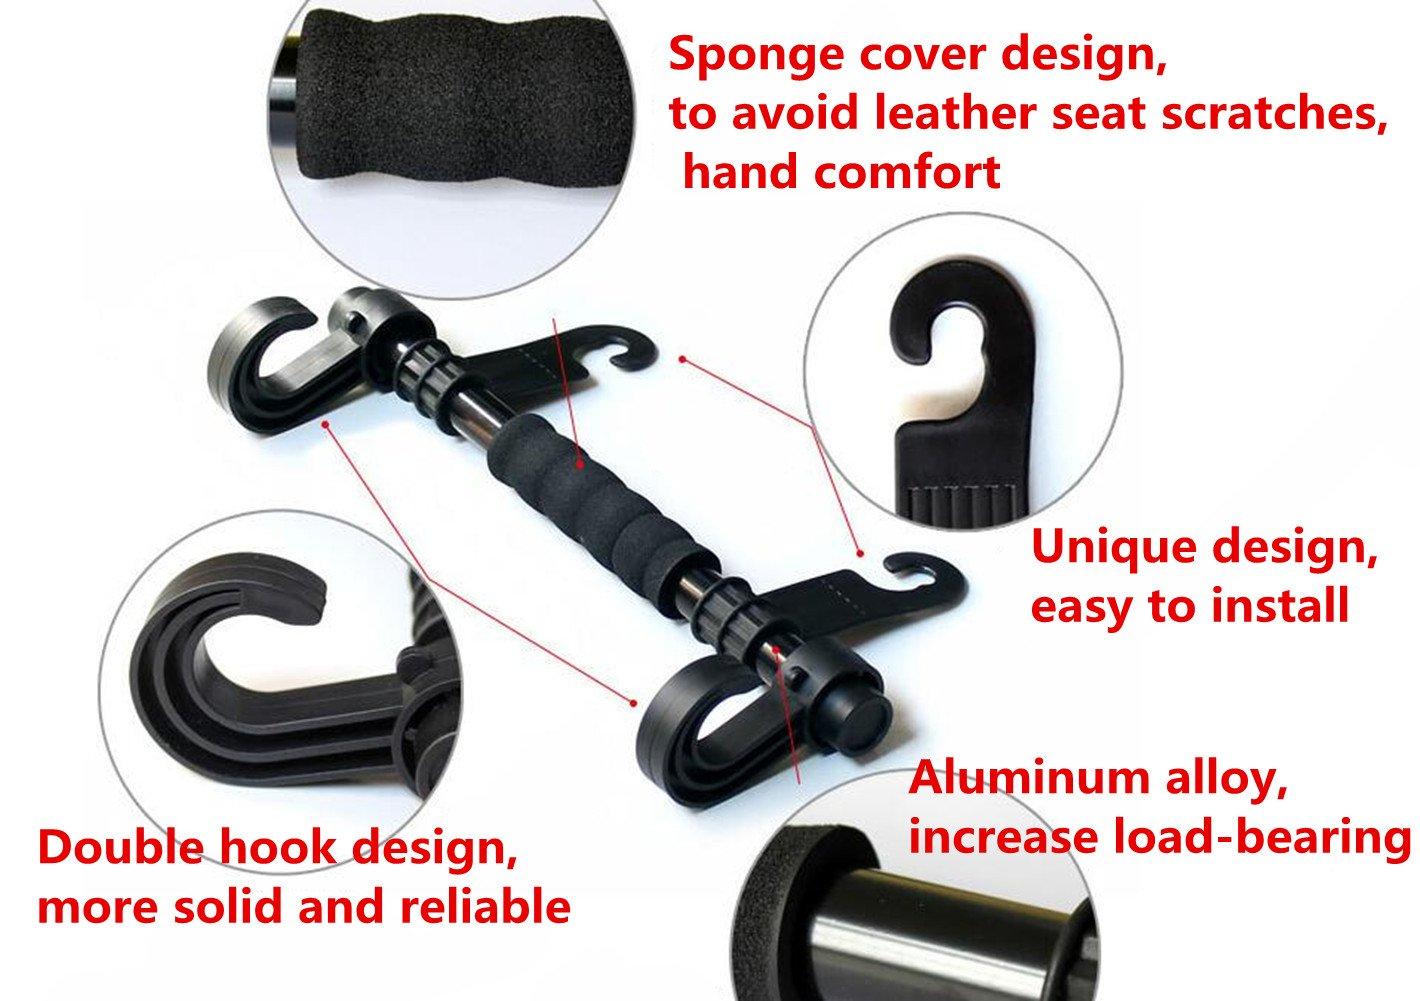 Happyit Car Hooks Double Hook with Armrests Vehicle Back Seat Headrest Hanger Hidden Holder Hook for Bag Purse Cloth Coat Grocery